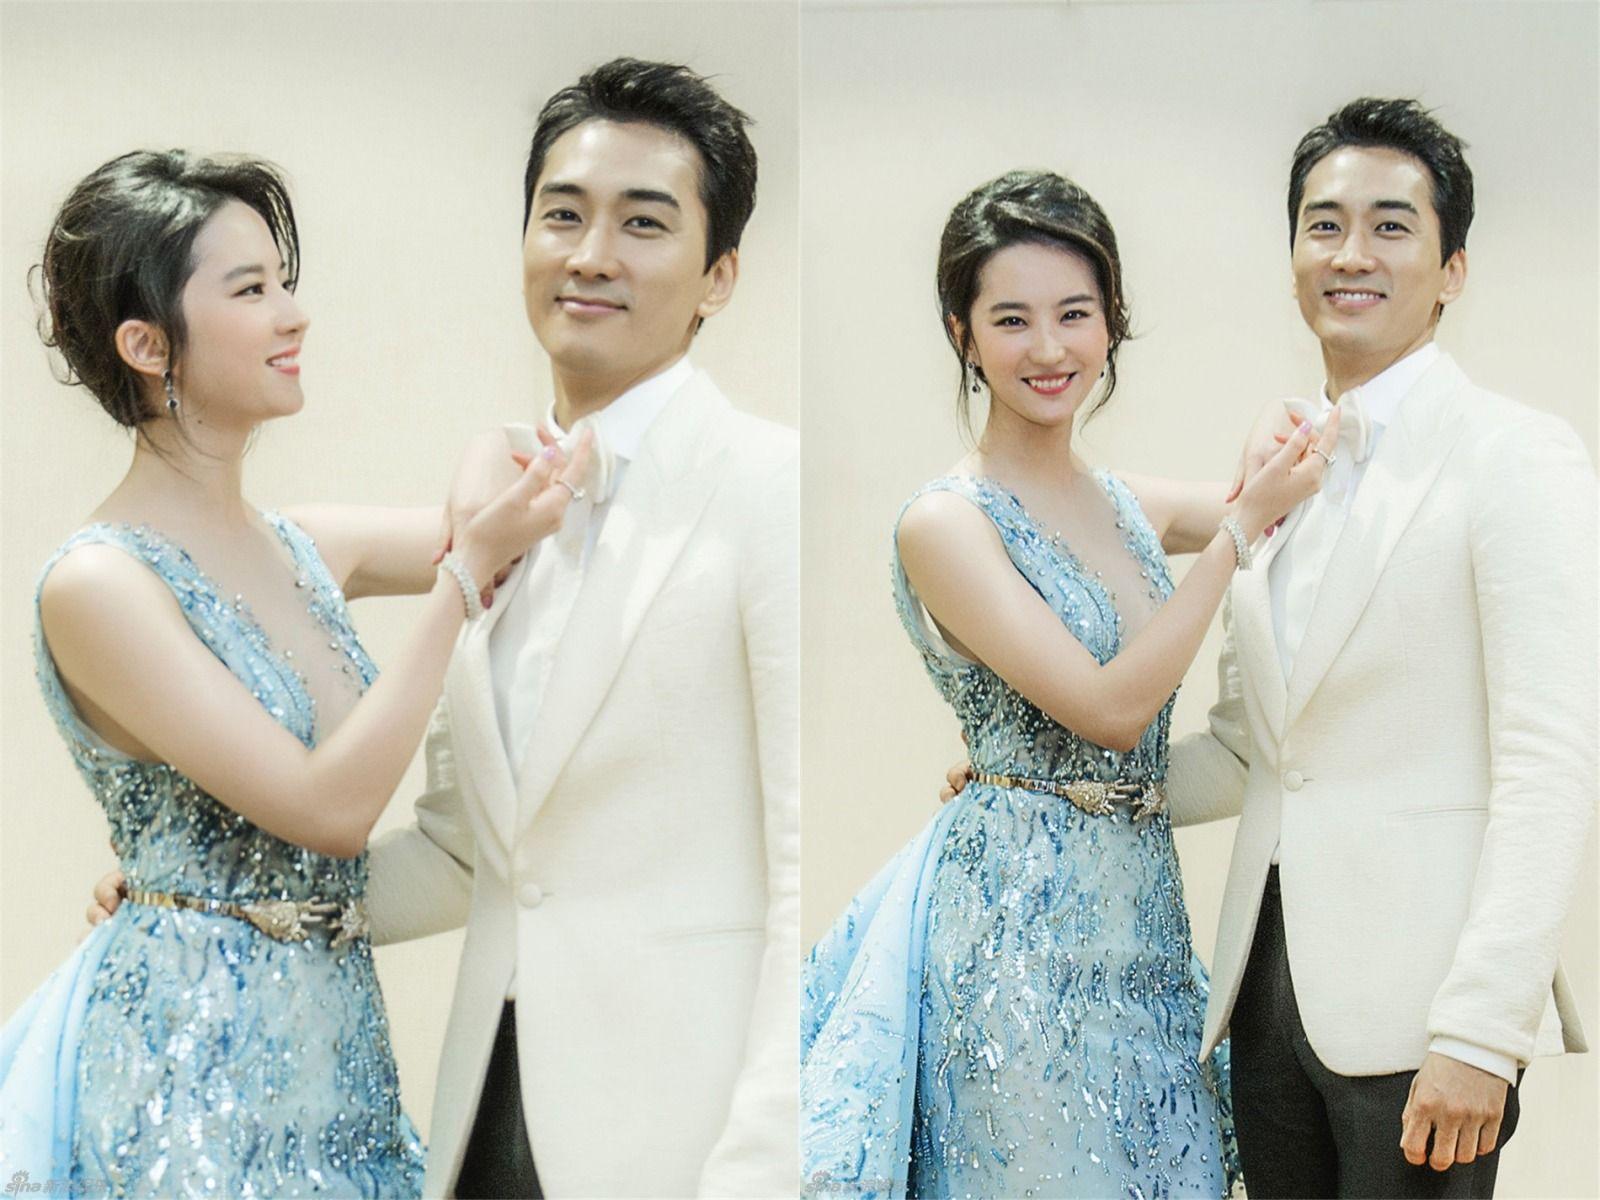 Kim tae hee song seung hun dating real life good profile headline for dating site